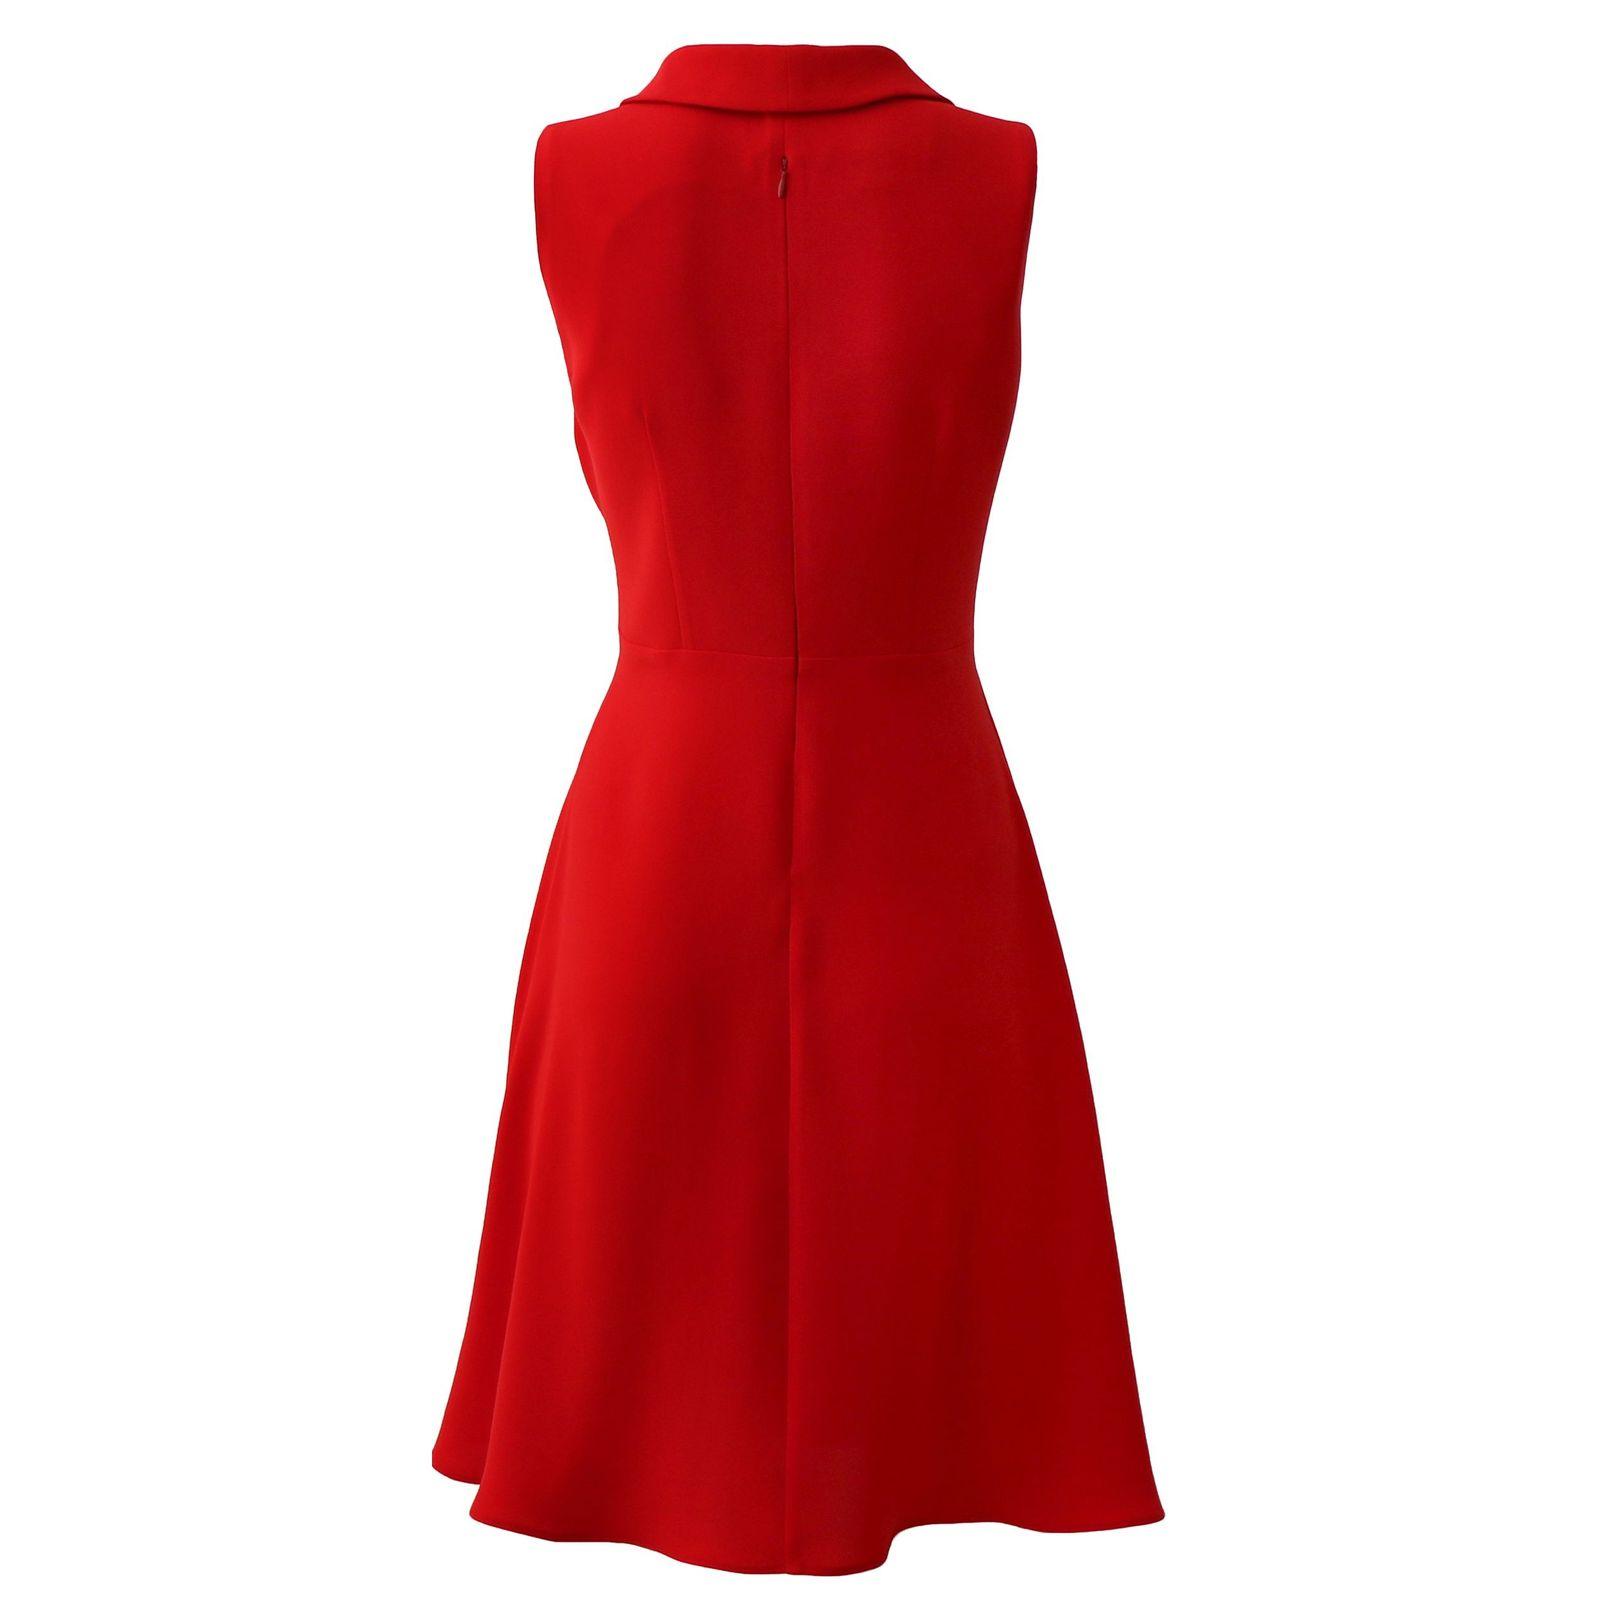 پیراهن زنانه درس ایگو کد 1010018 رنگ قرمز -  - 5